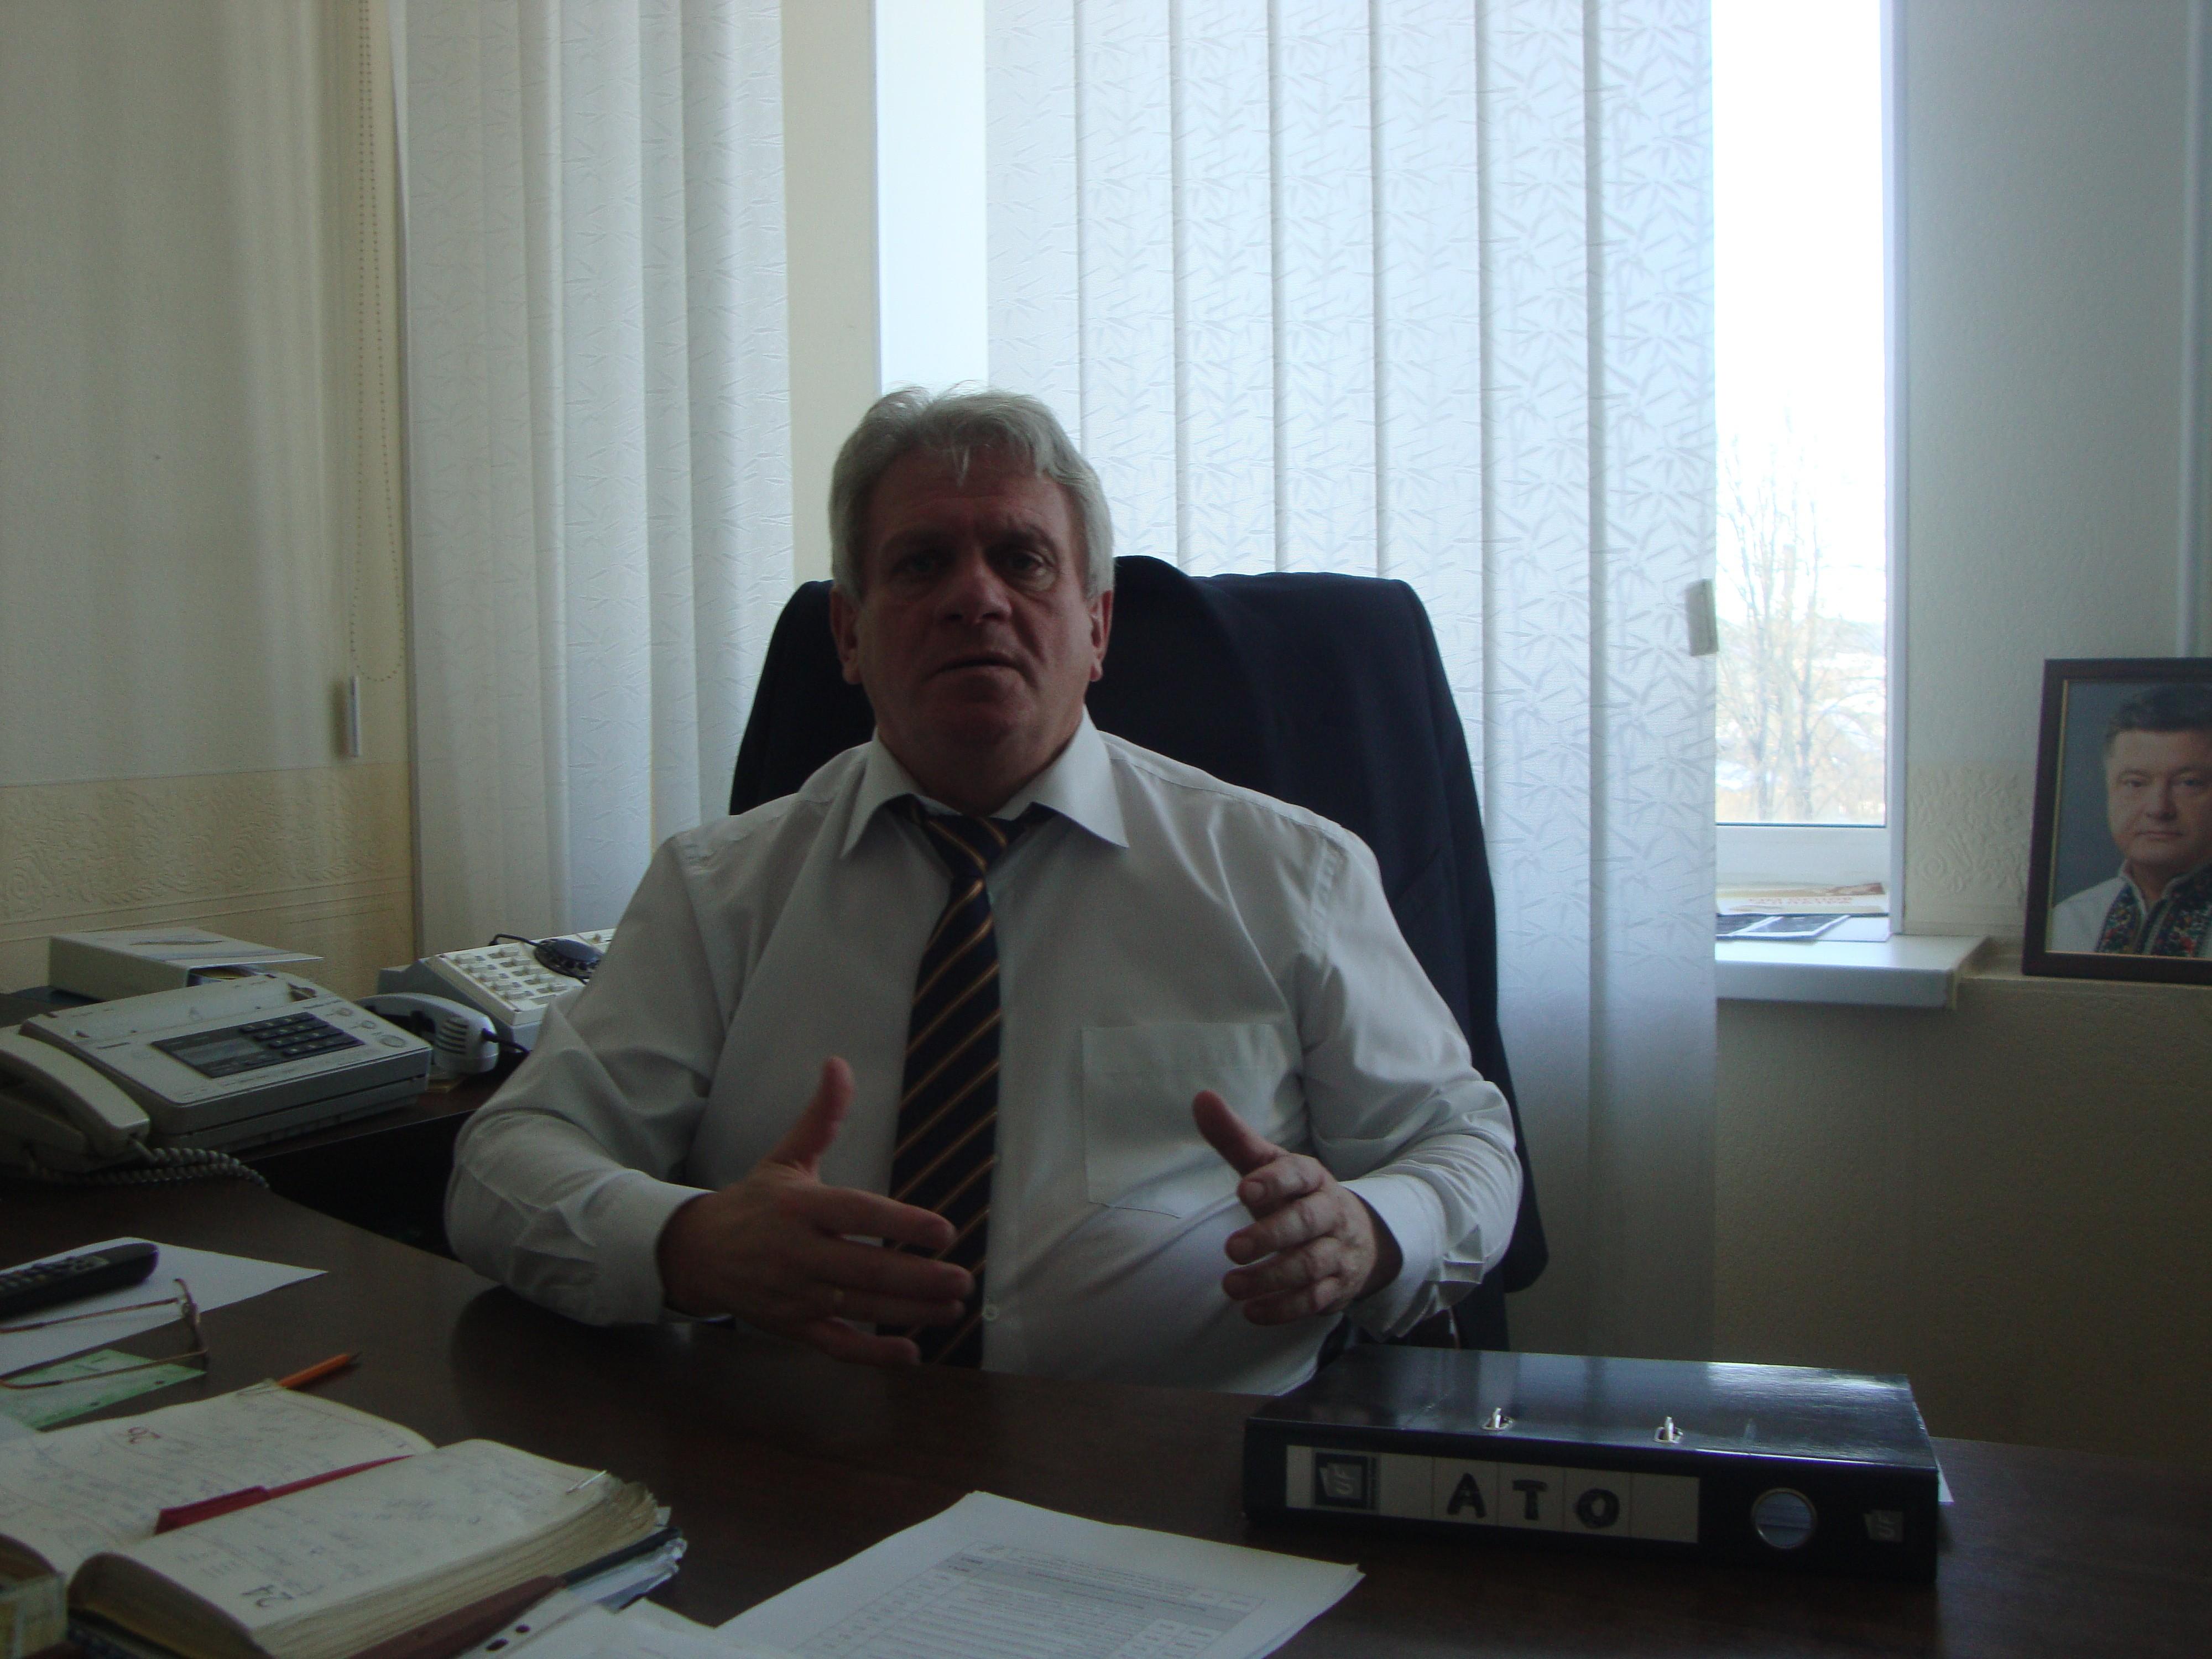 Суд и прокуратура развалили дело экс-мэра Гостомеля Анатолия Кириченко который отправлял подчиненных на Антимайдан